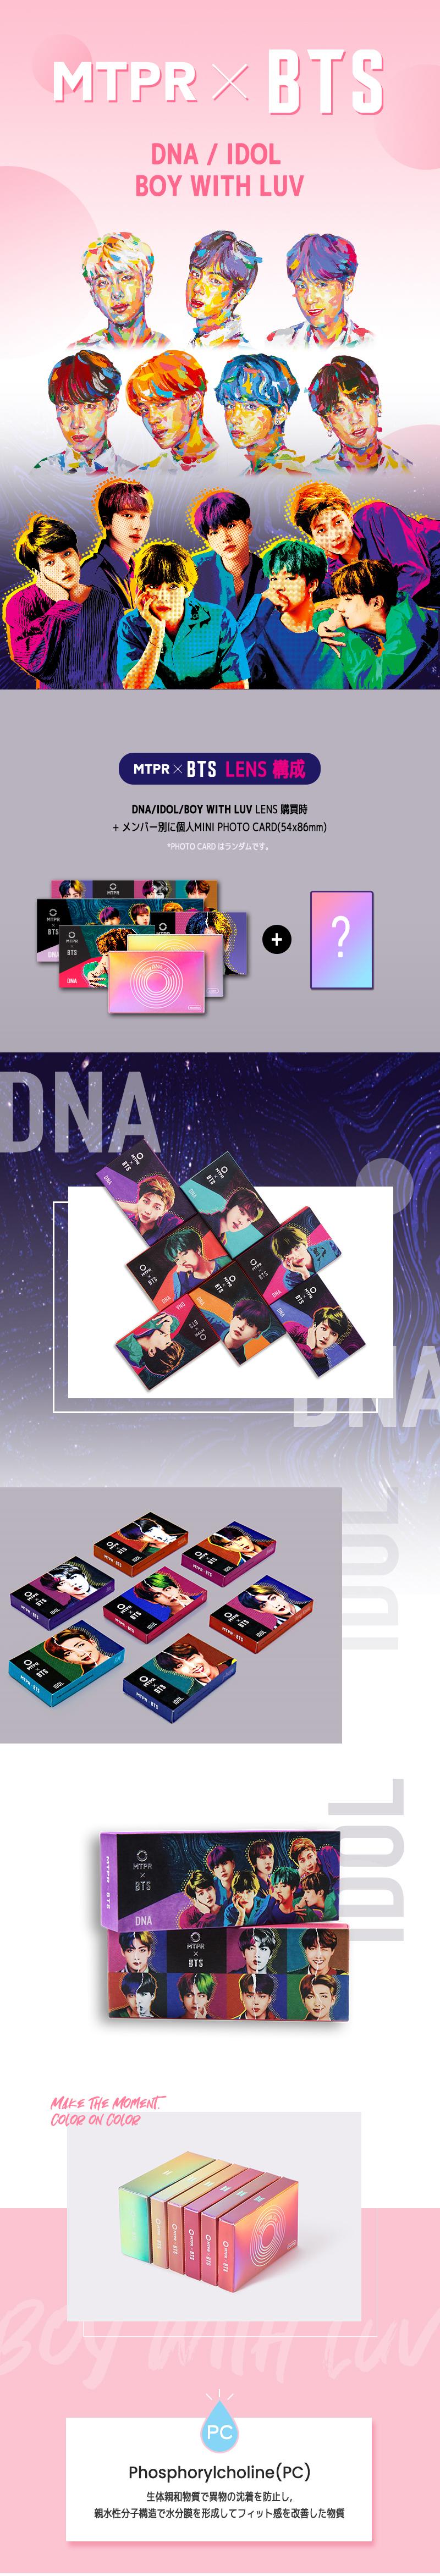 BTS DNA IDOL